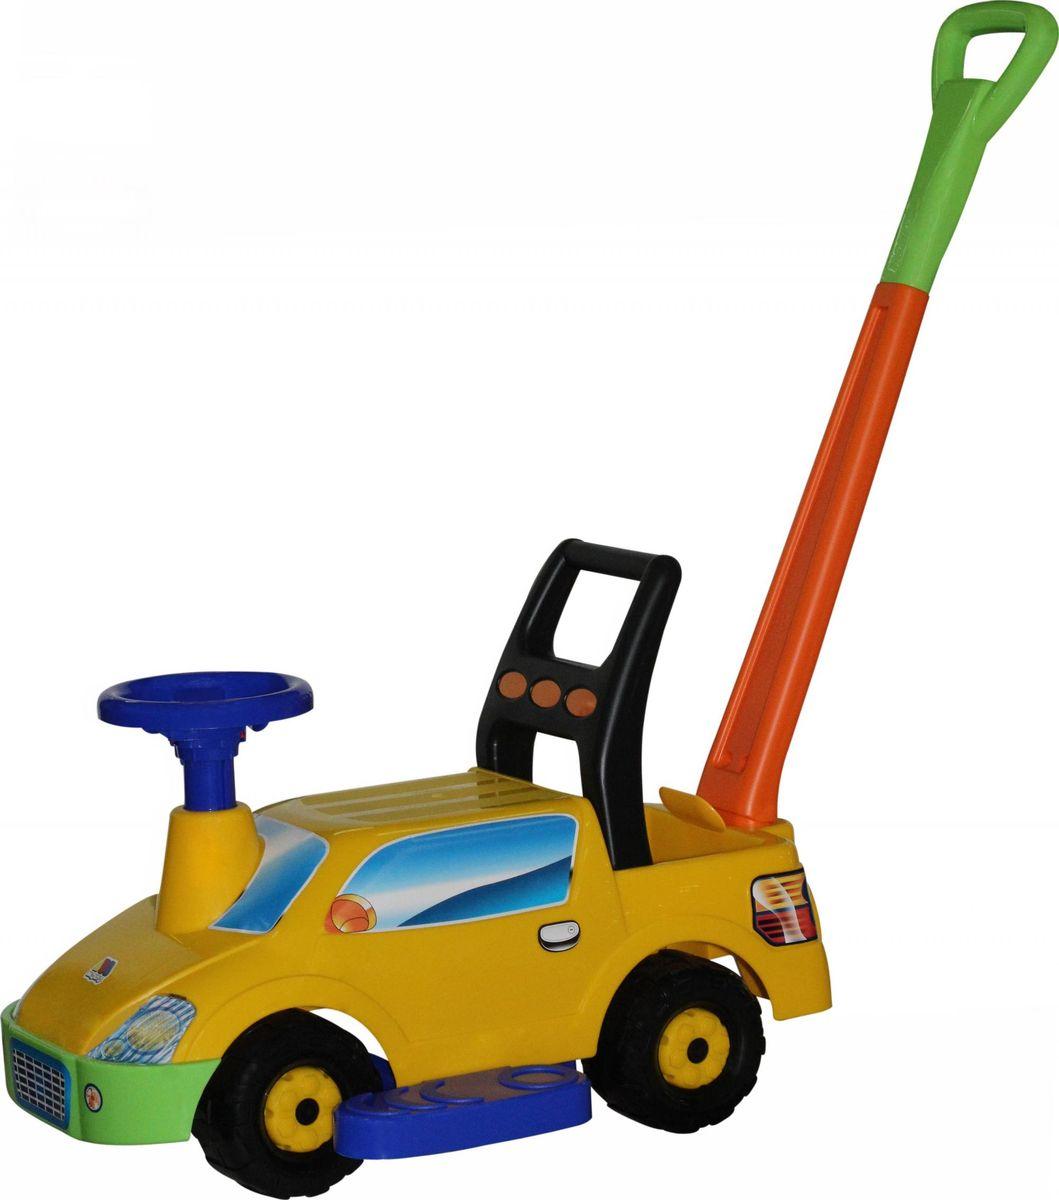 Полесье Каталка Пикап с ручкой цвет желтый полесье гоночный автомобиль торнадо цвет желтый